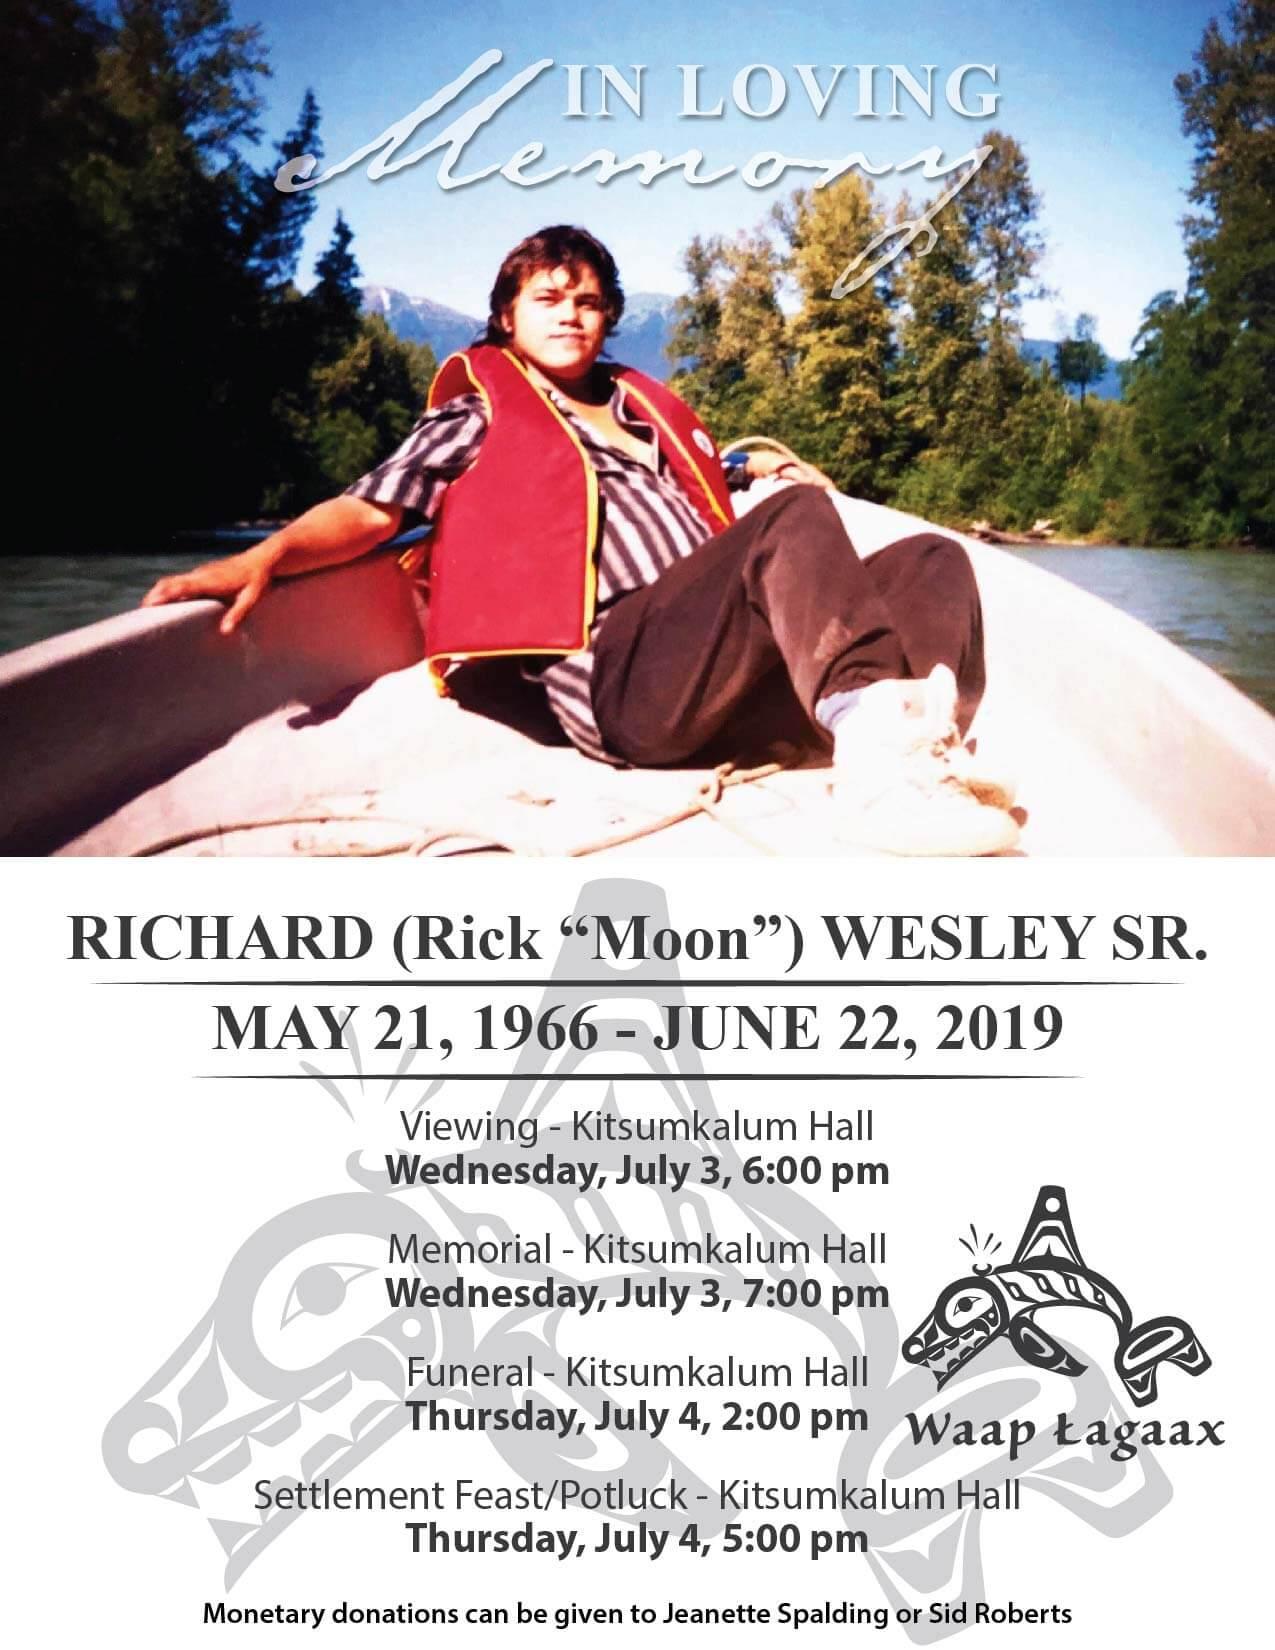 Arrangements for Richard Wesley Sr